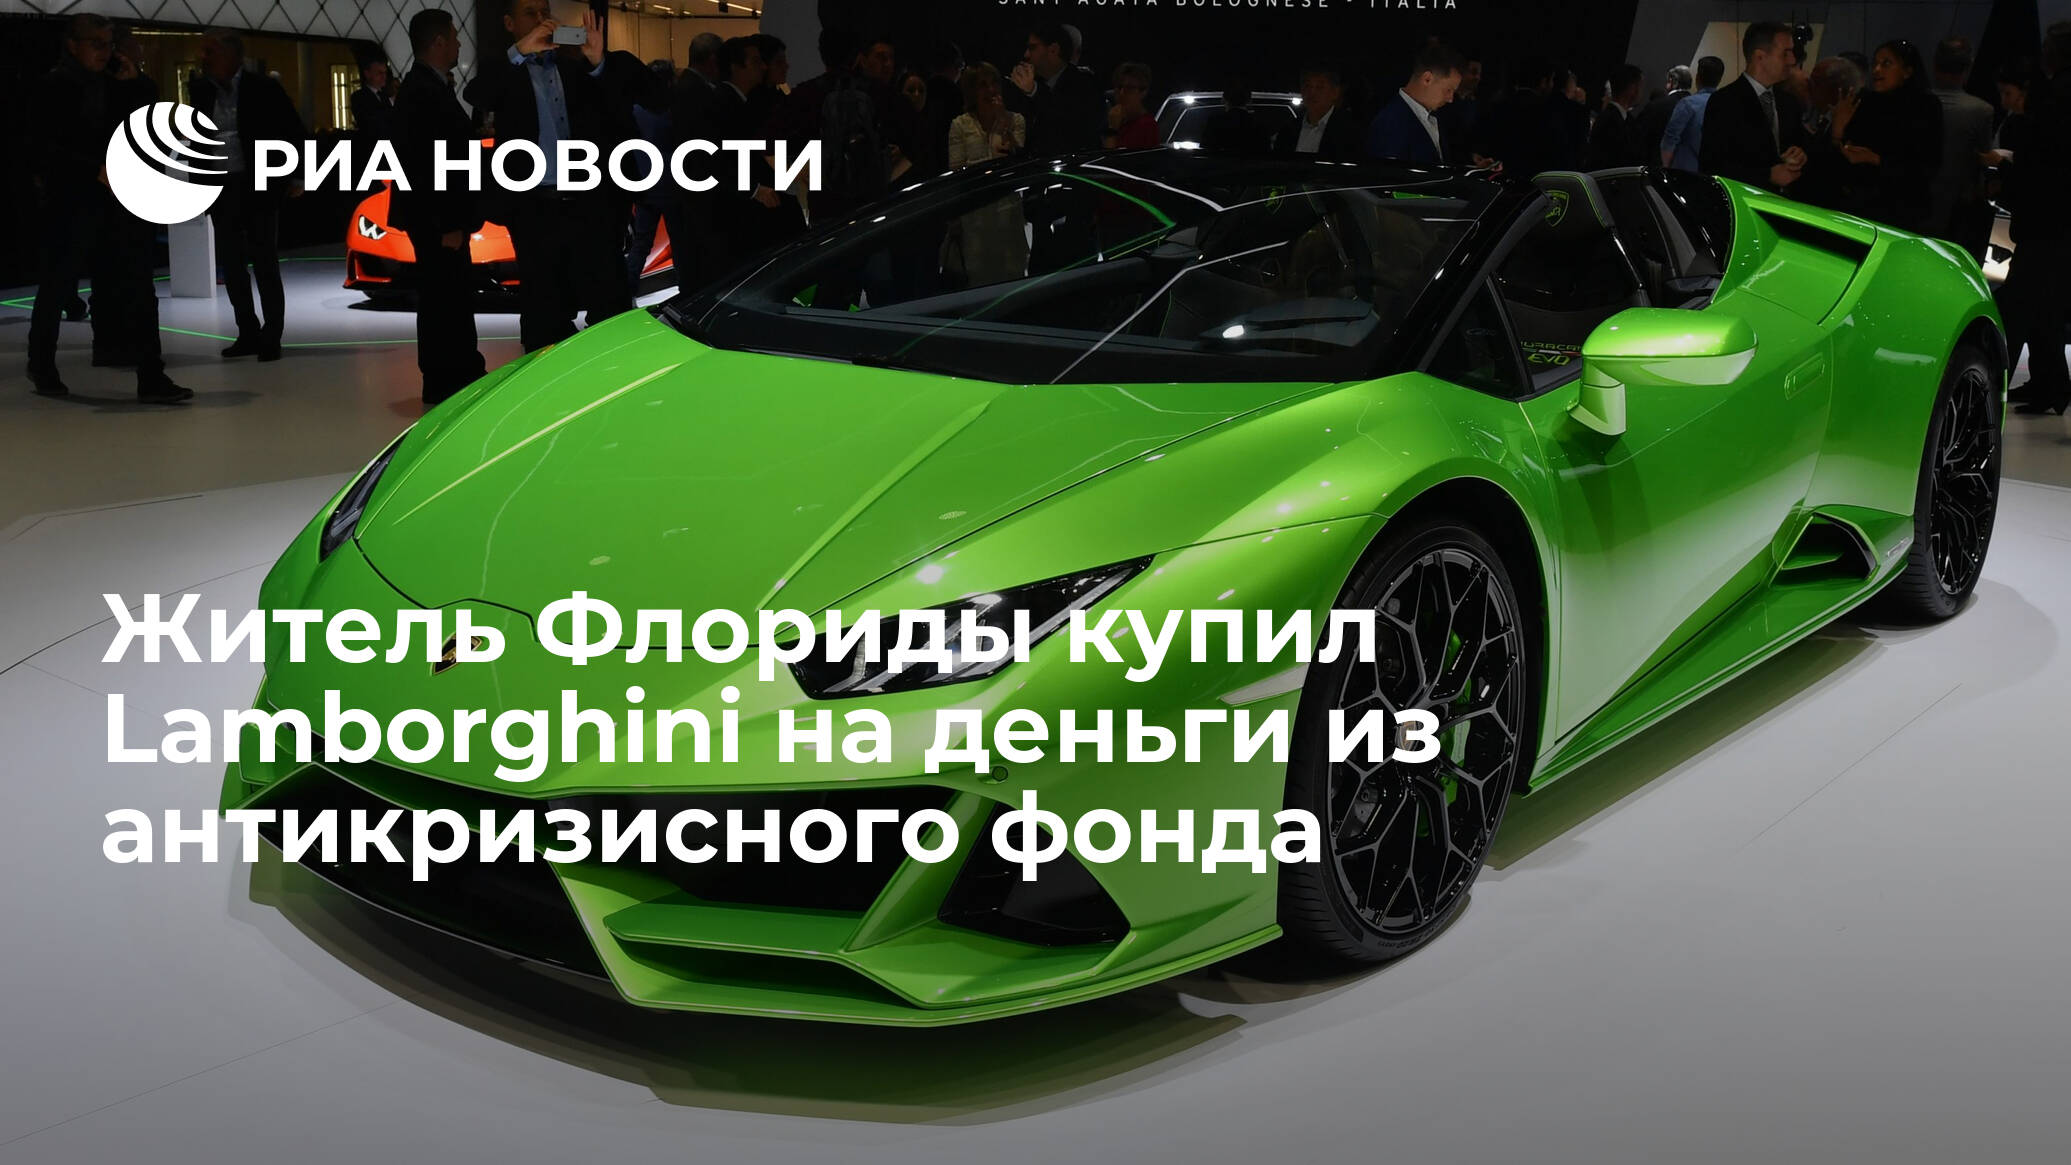 Житель Флориды купил Lamborghini на деньги из антикризисного фонда